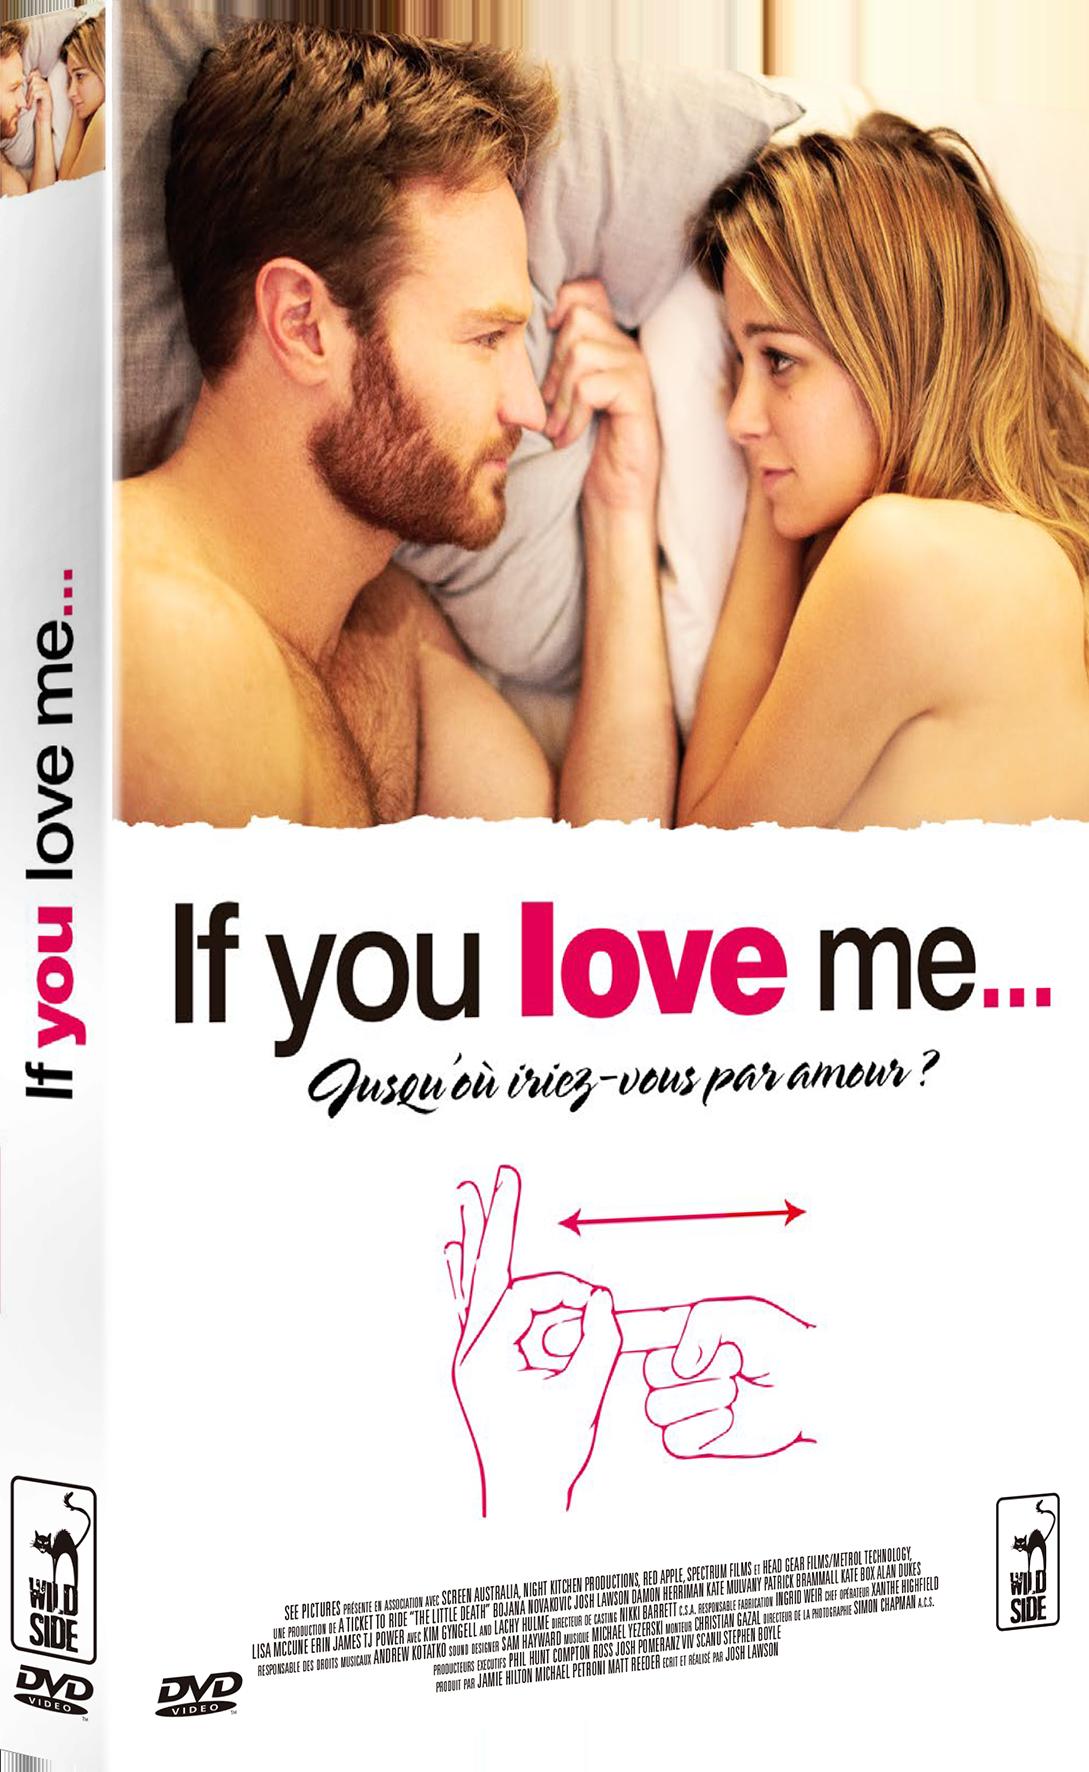 ado sexe video sexe romantique